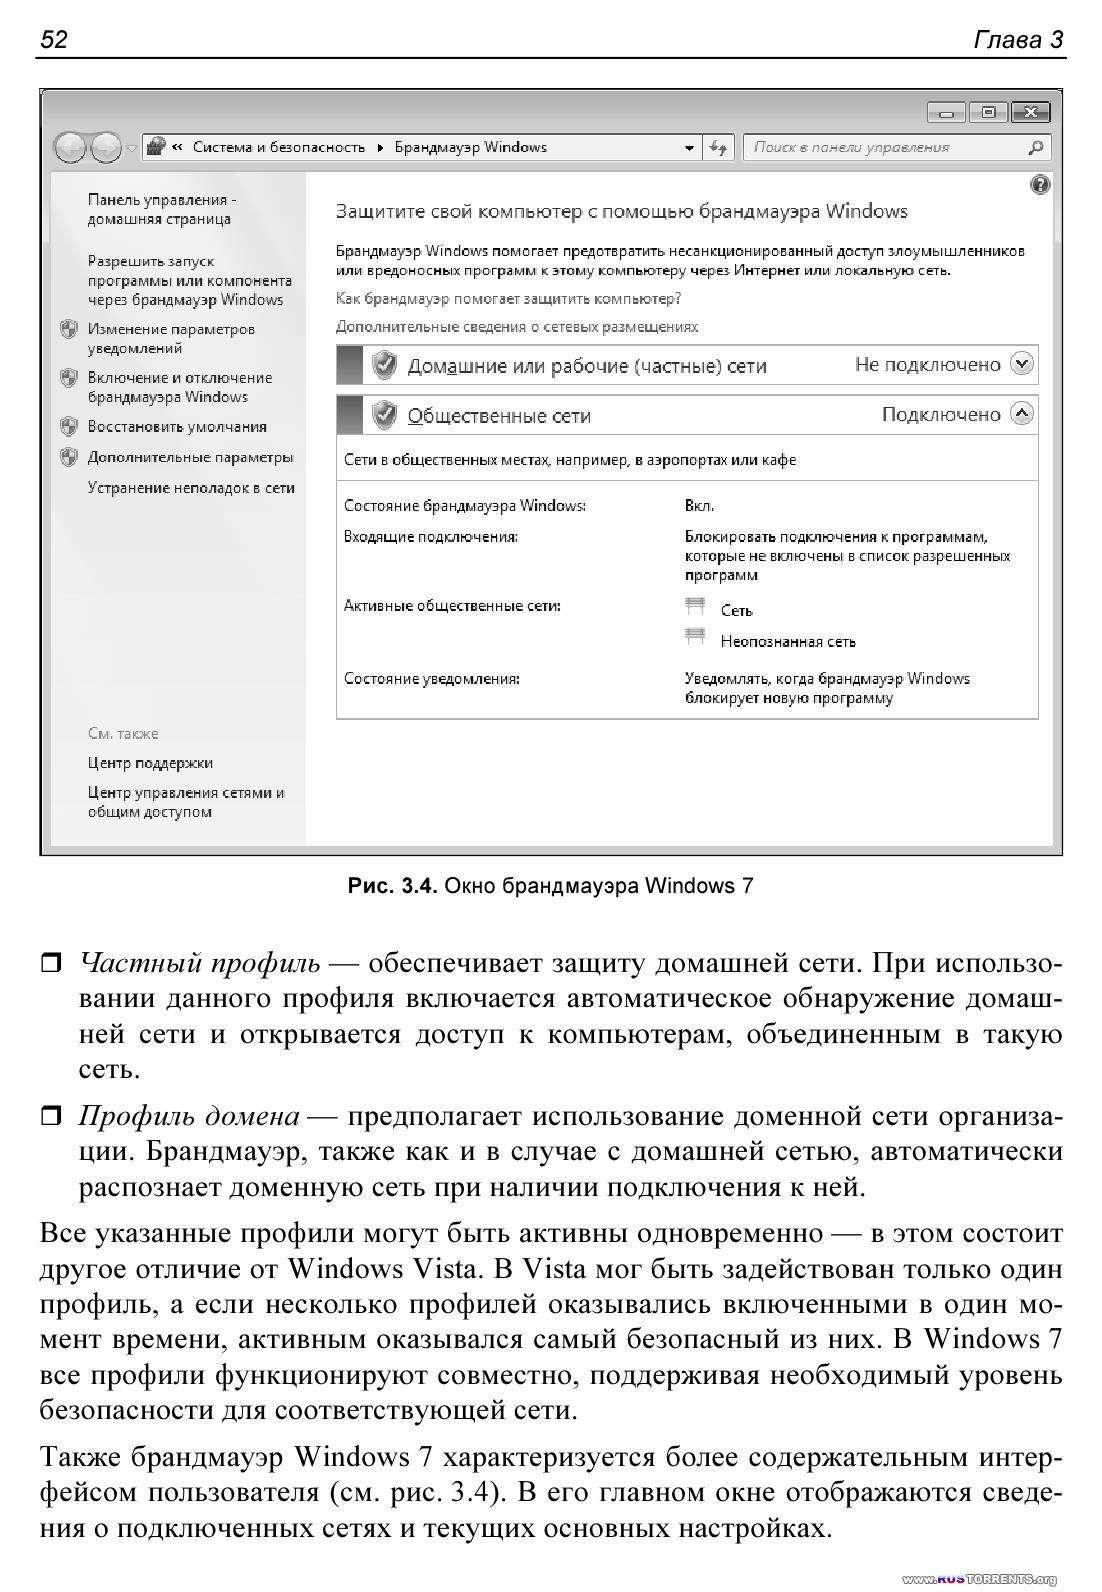 Антивирусная защита ПК. От